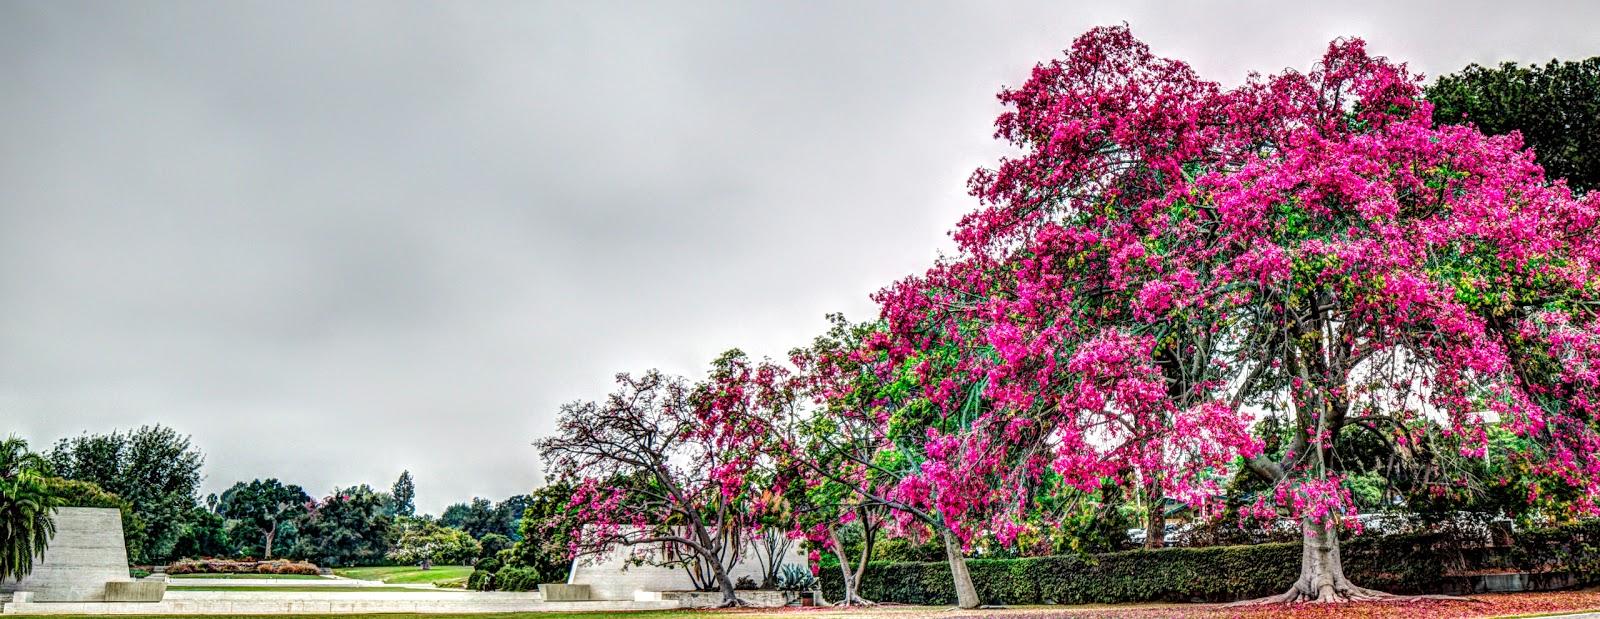 L A County Arboretum Botanic Garden Plant Info What 39 S